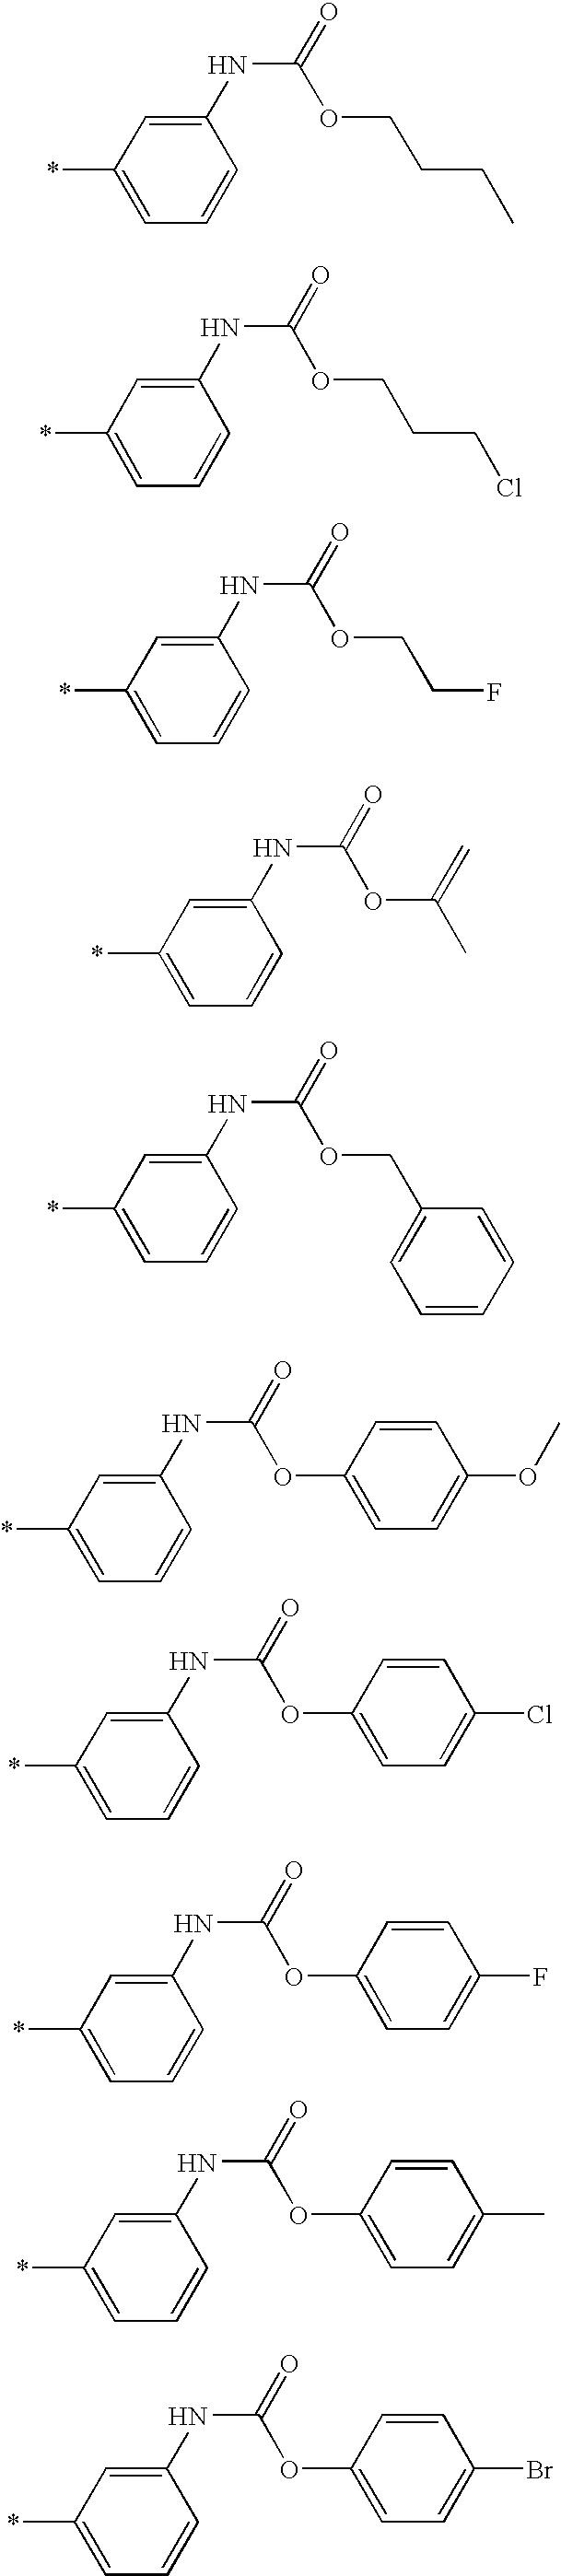 Figure US07781478-20100824-C00116